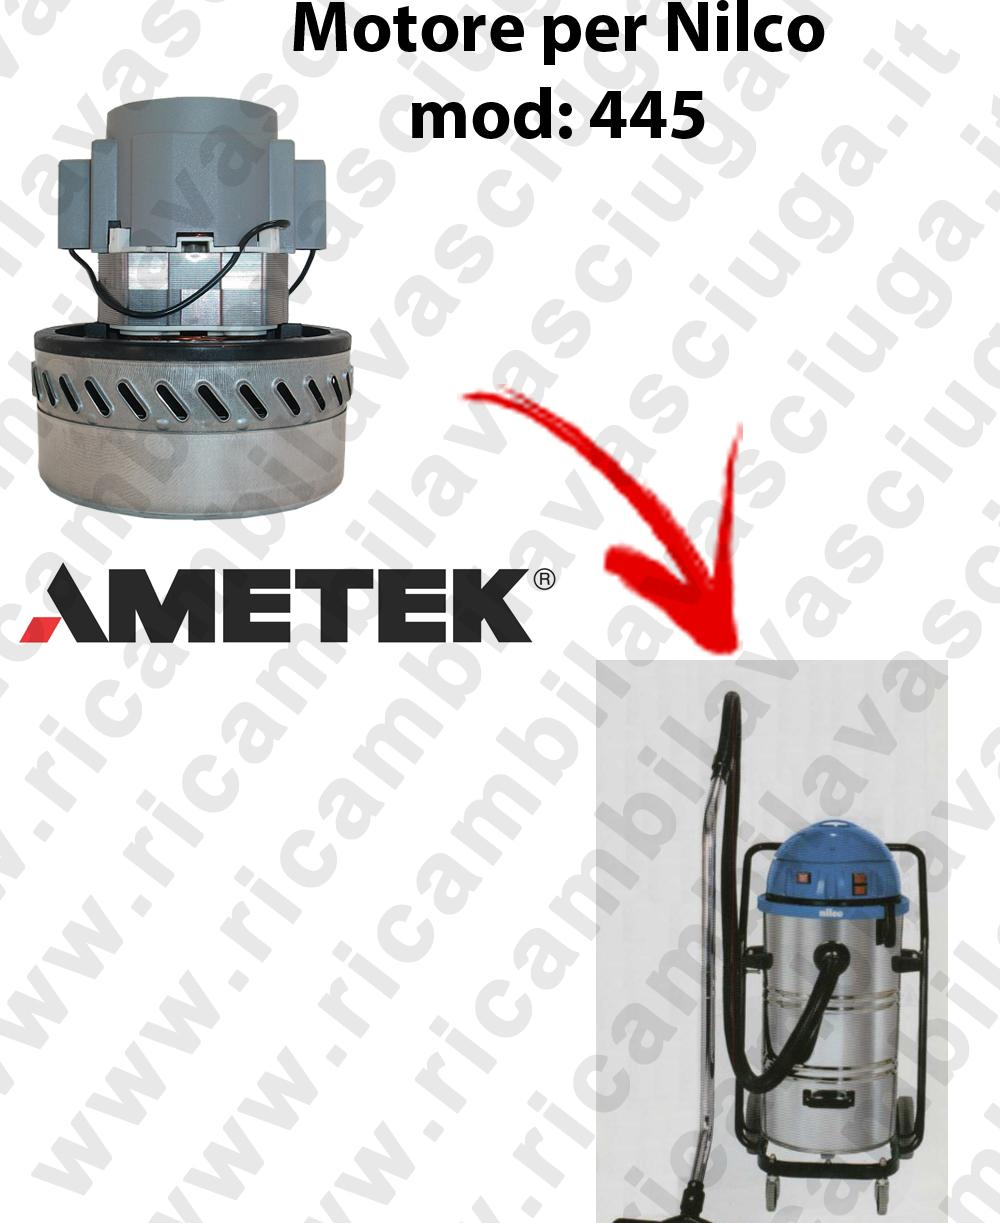 445 Motore de aspiración AMETEK para aspiradora NILCO-2